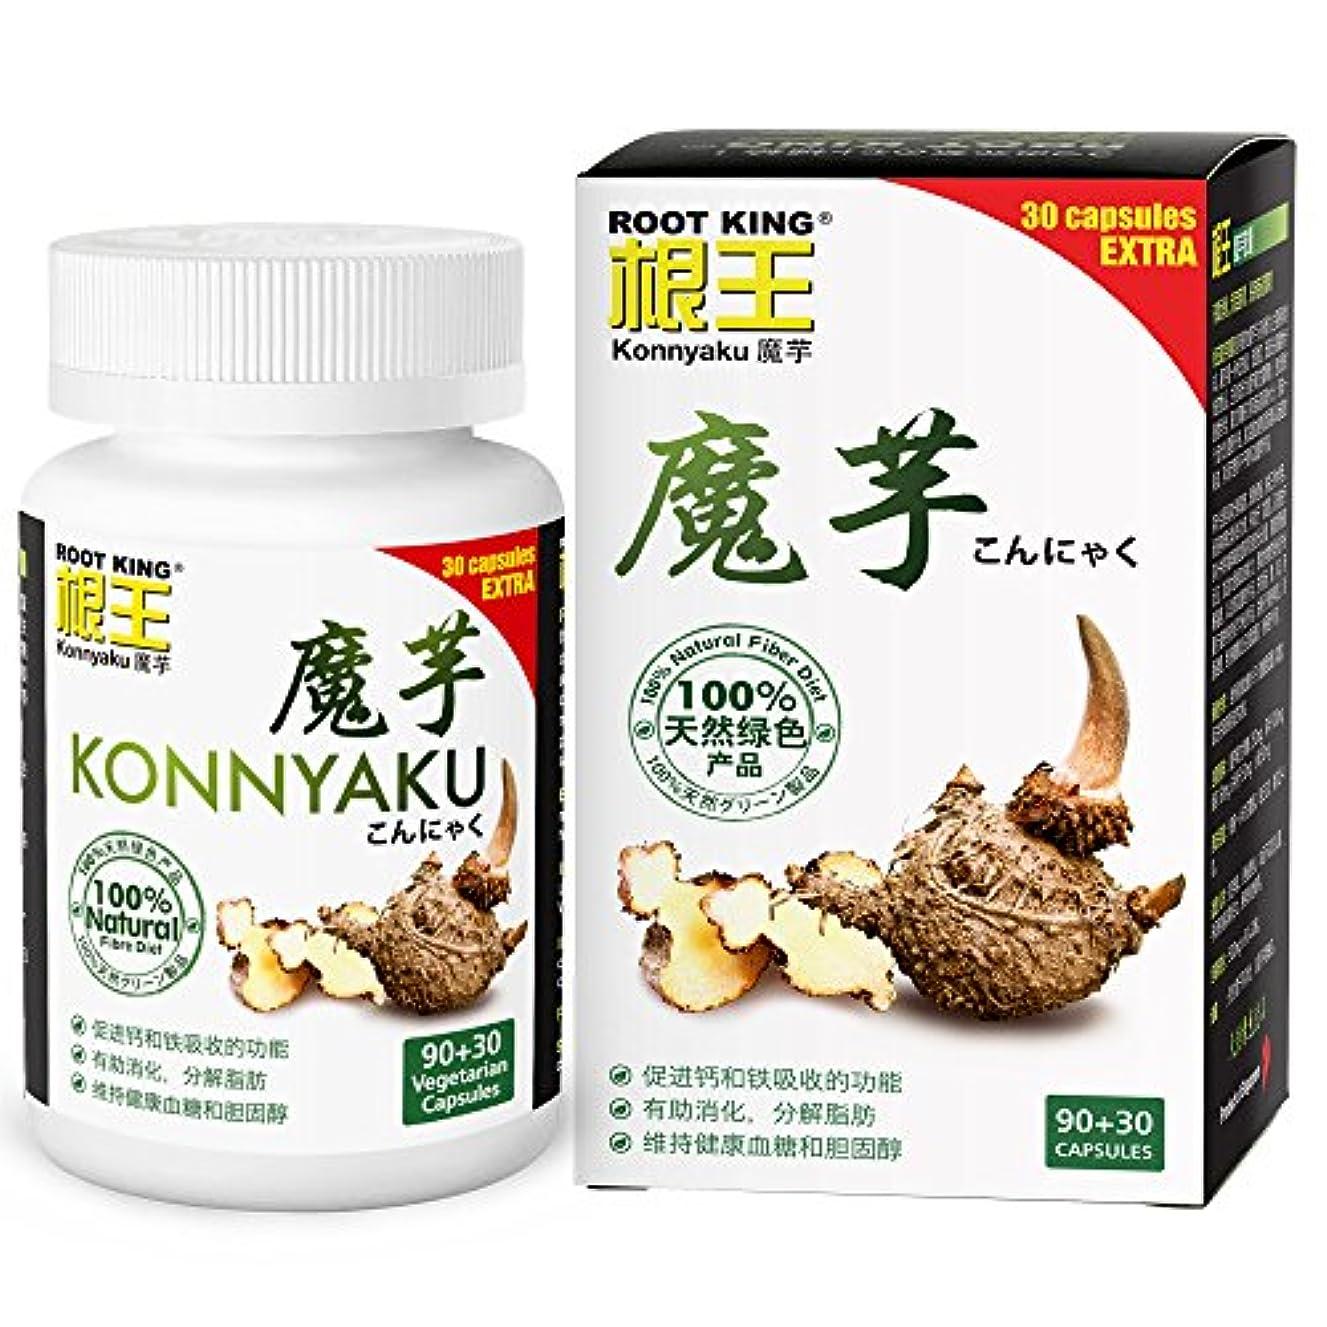 クレデンシャル海里きらきらROOT KING Konnyaku (120 Vegecaps) - control appetitide, feel fuller, contains Konjac glucomannan